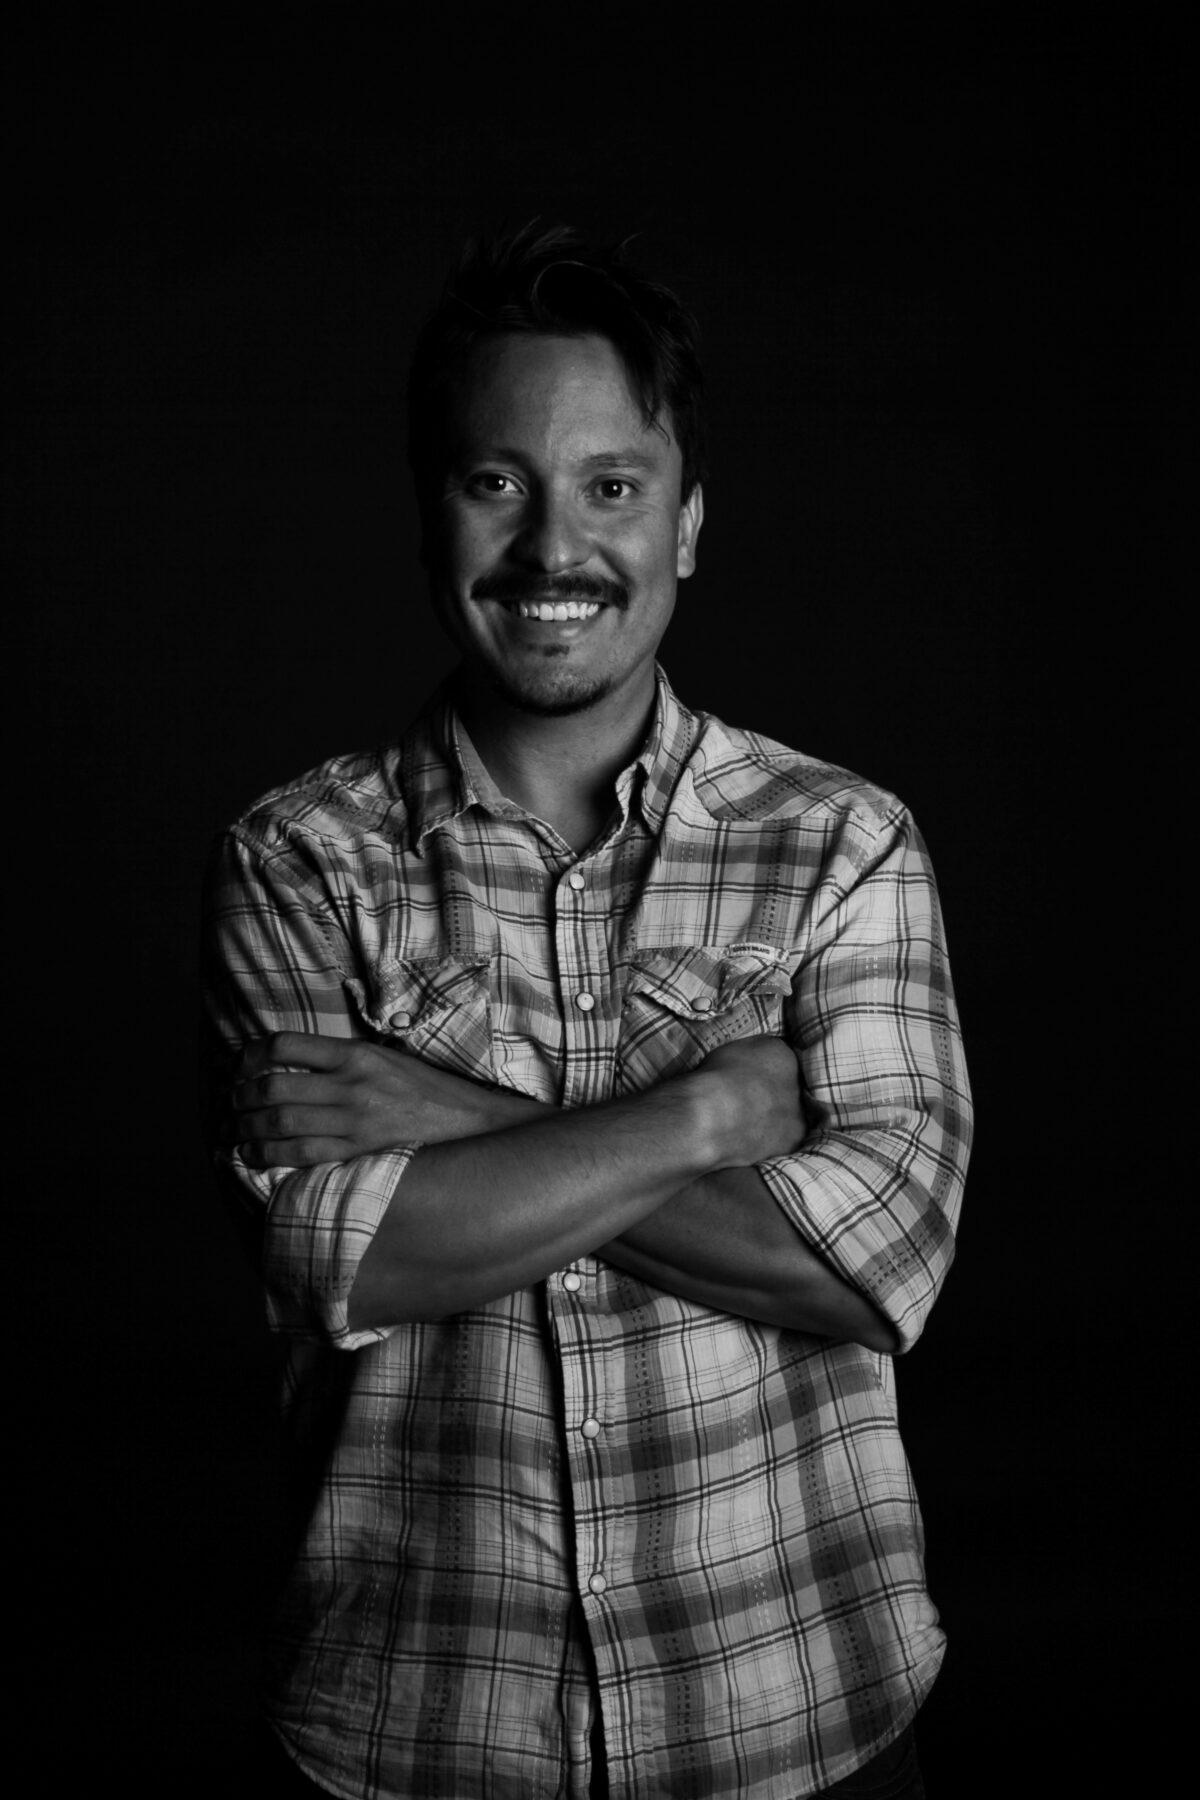 Portrait Hector Retrato Bco Y Negro